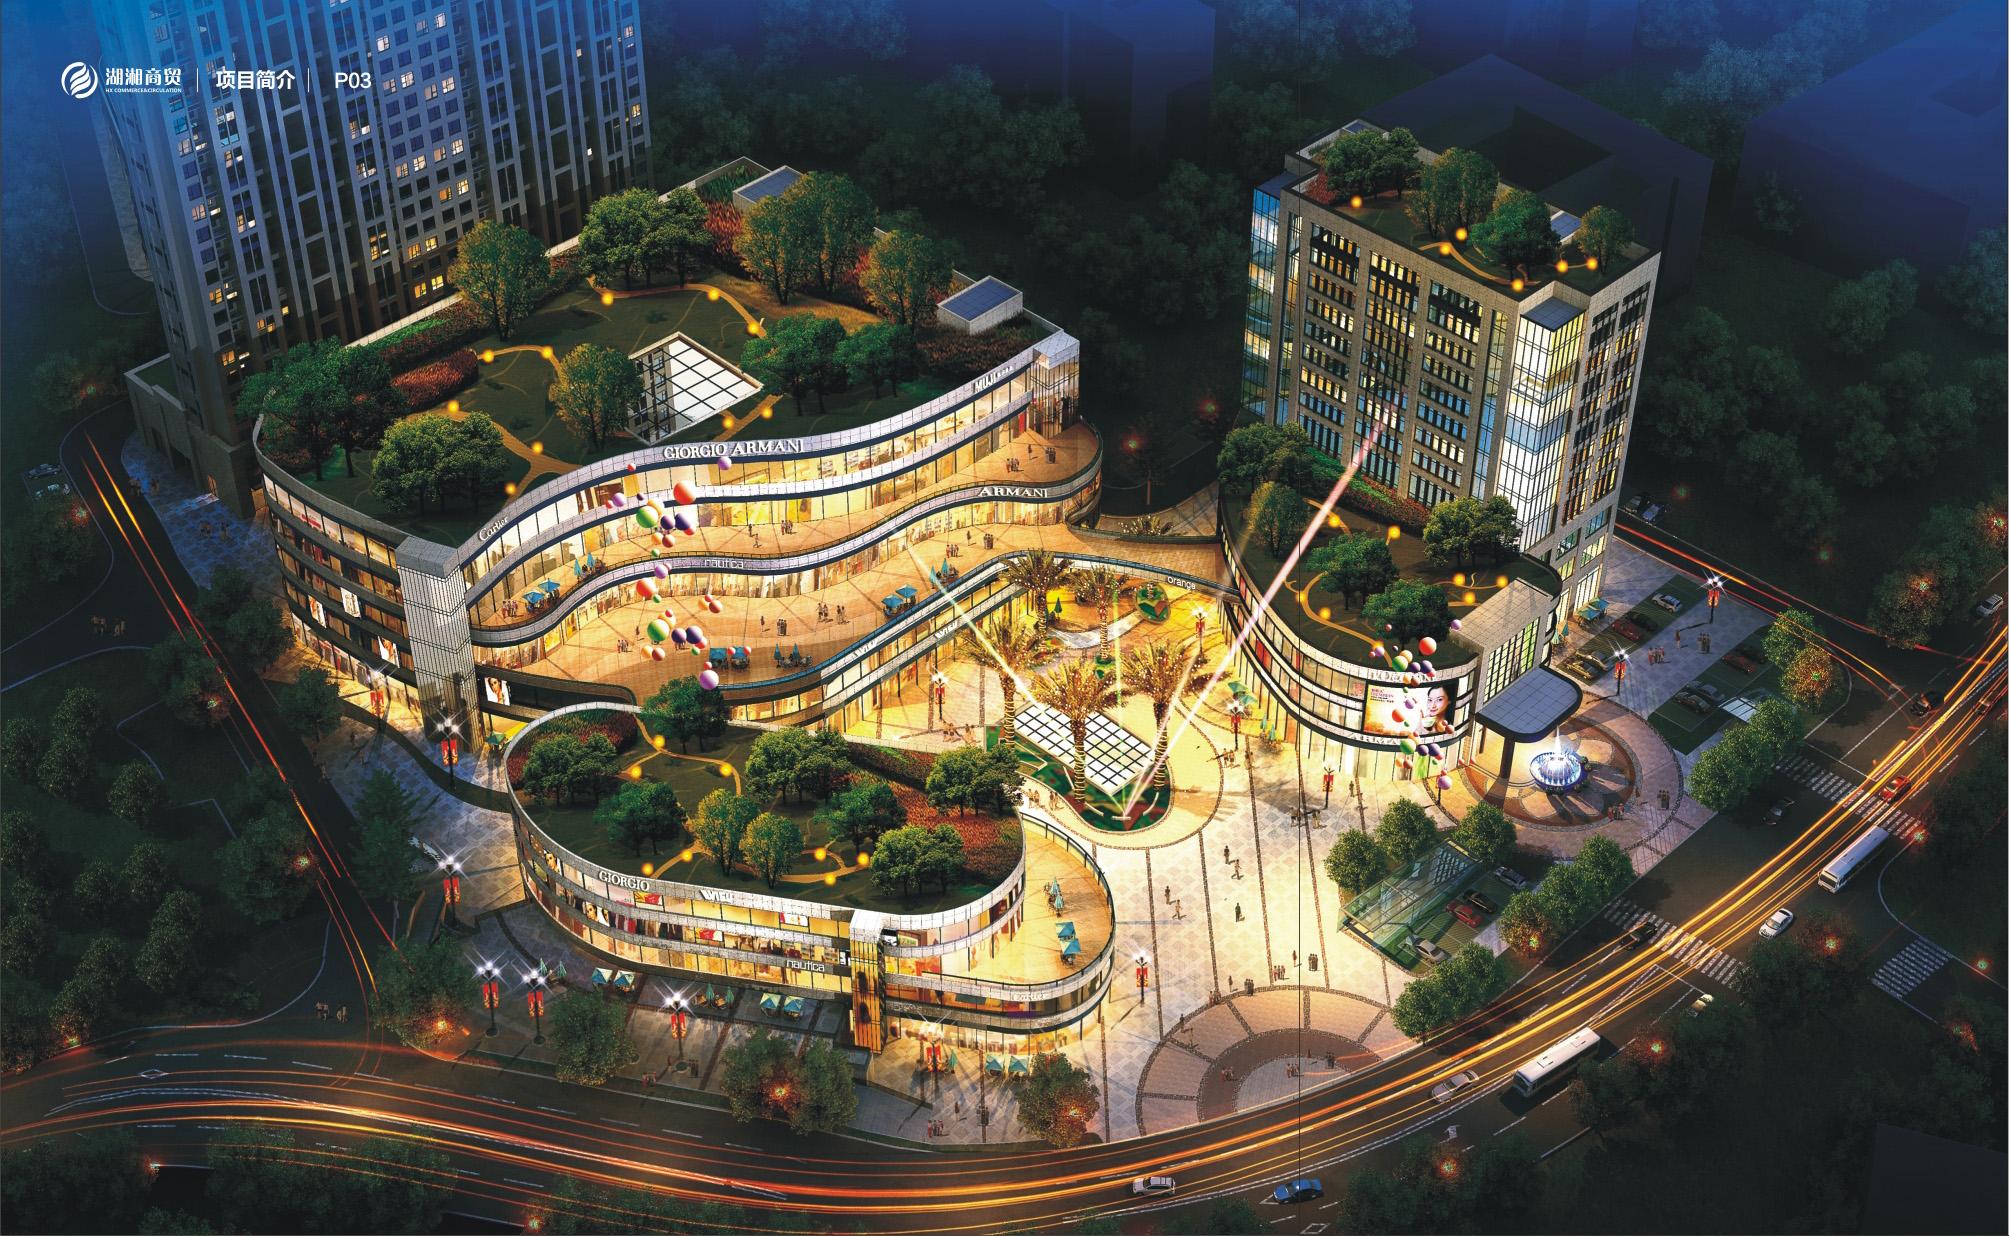 湘西龙山湖湘商贸广场